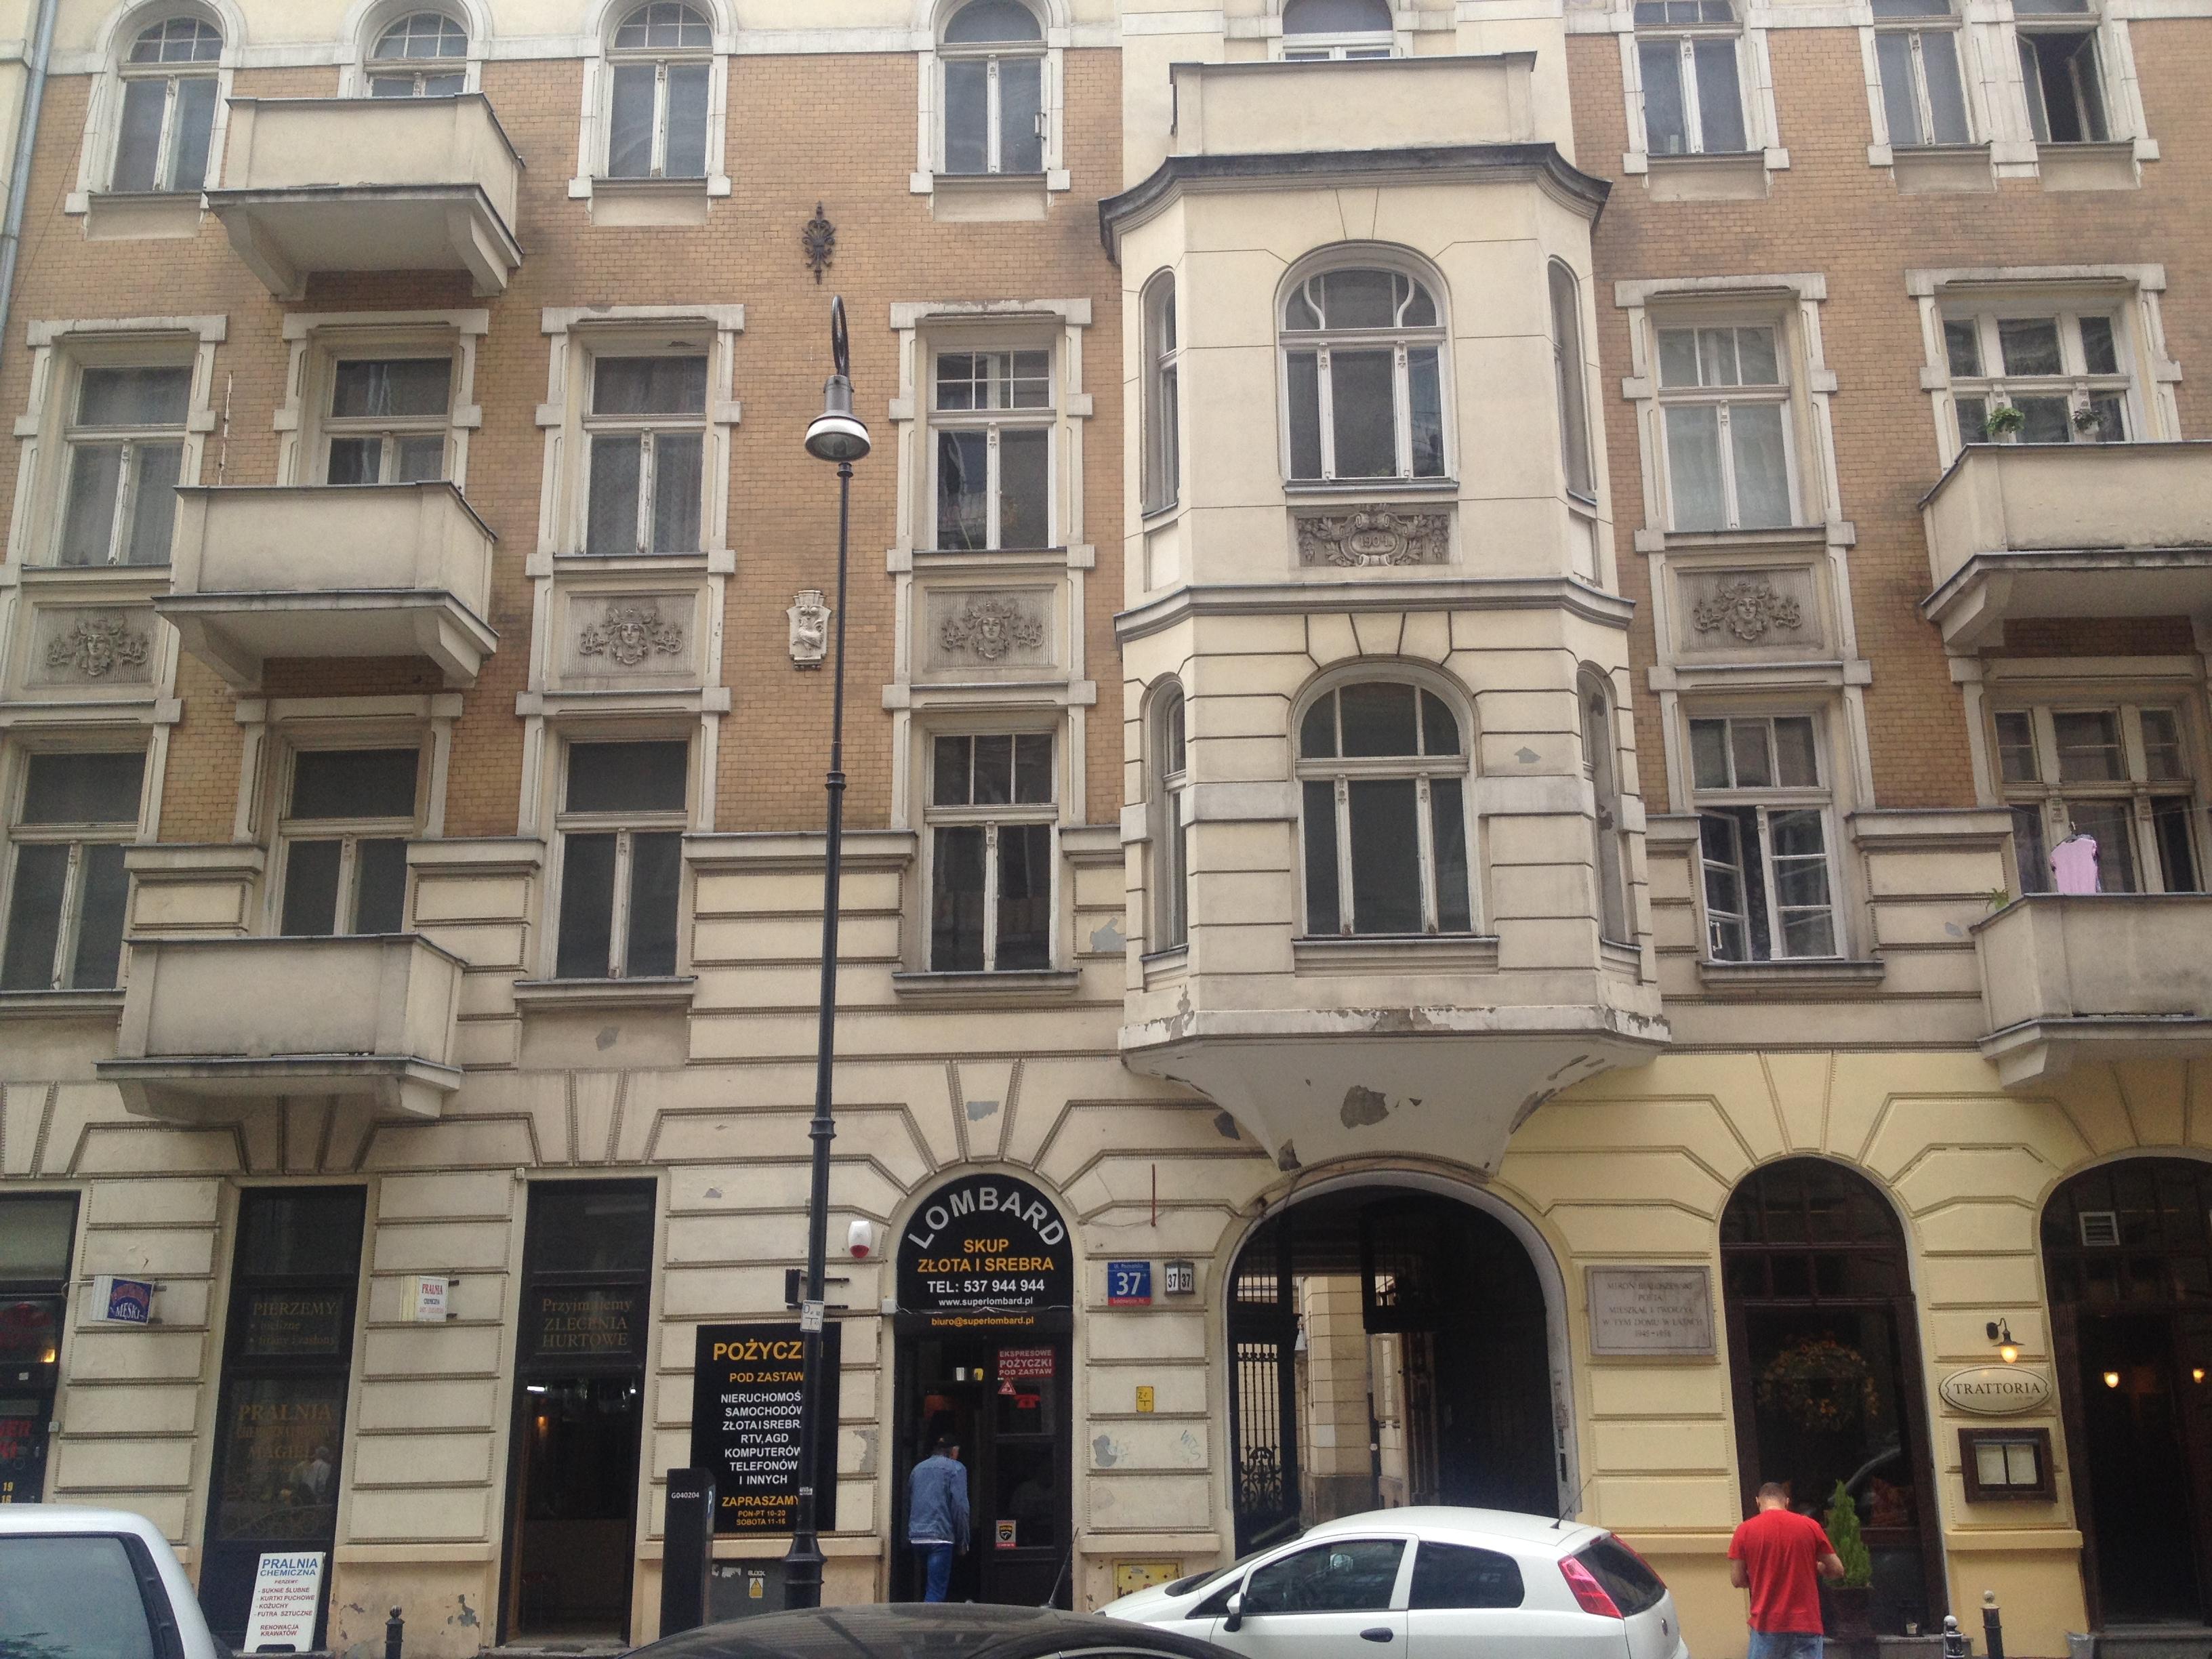 Poznańska 37 - budynek od 1965 wpisany w rejestr zabytków